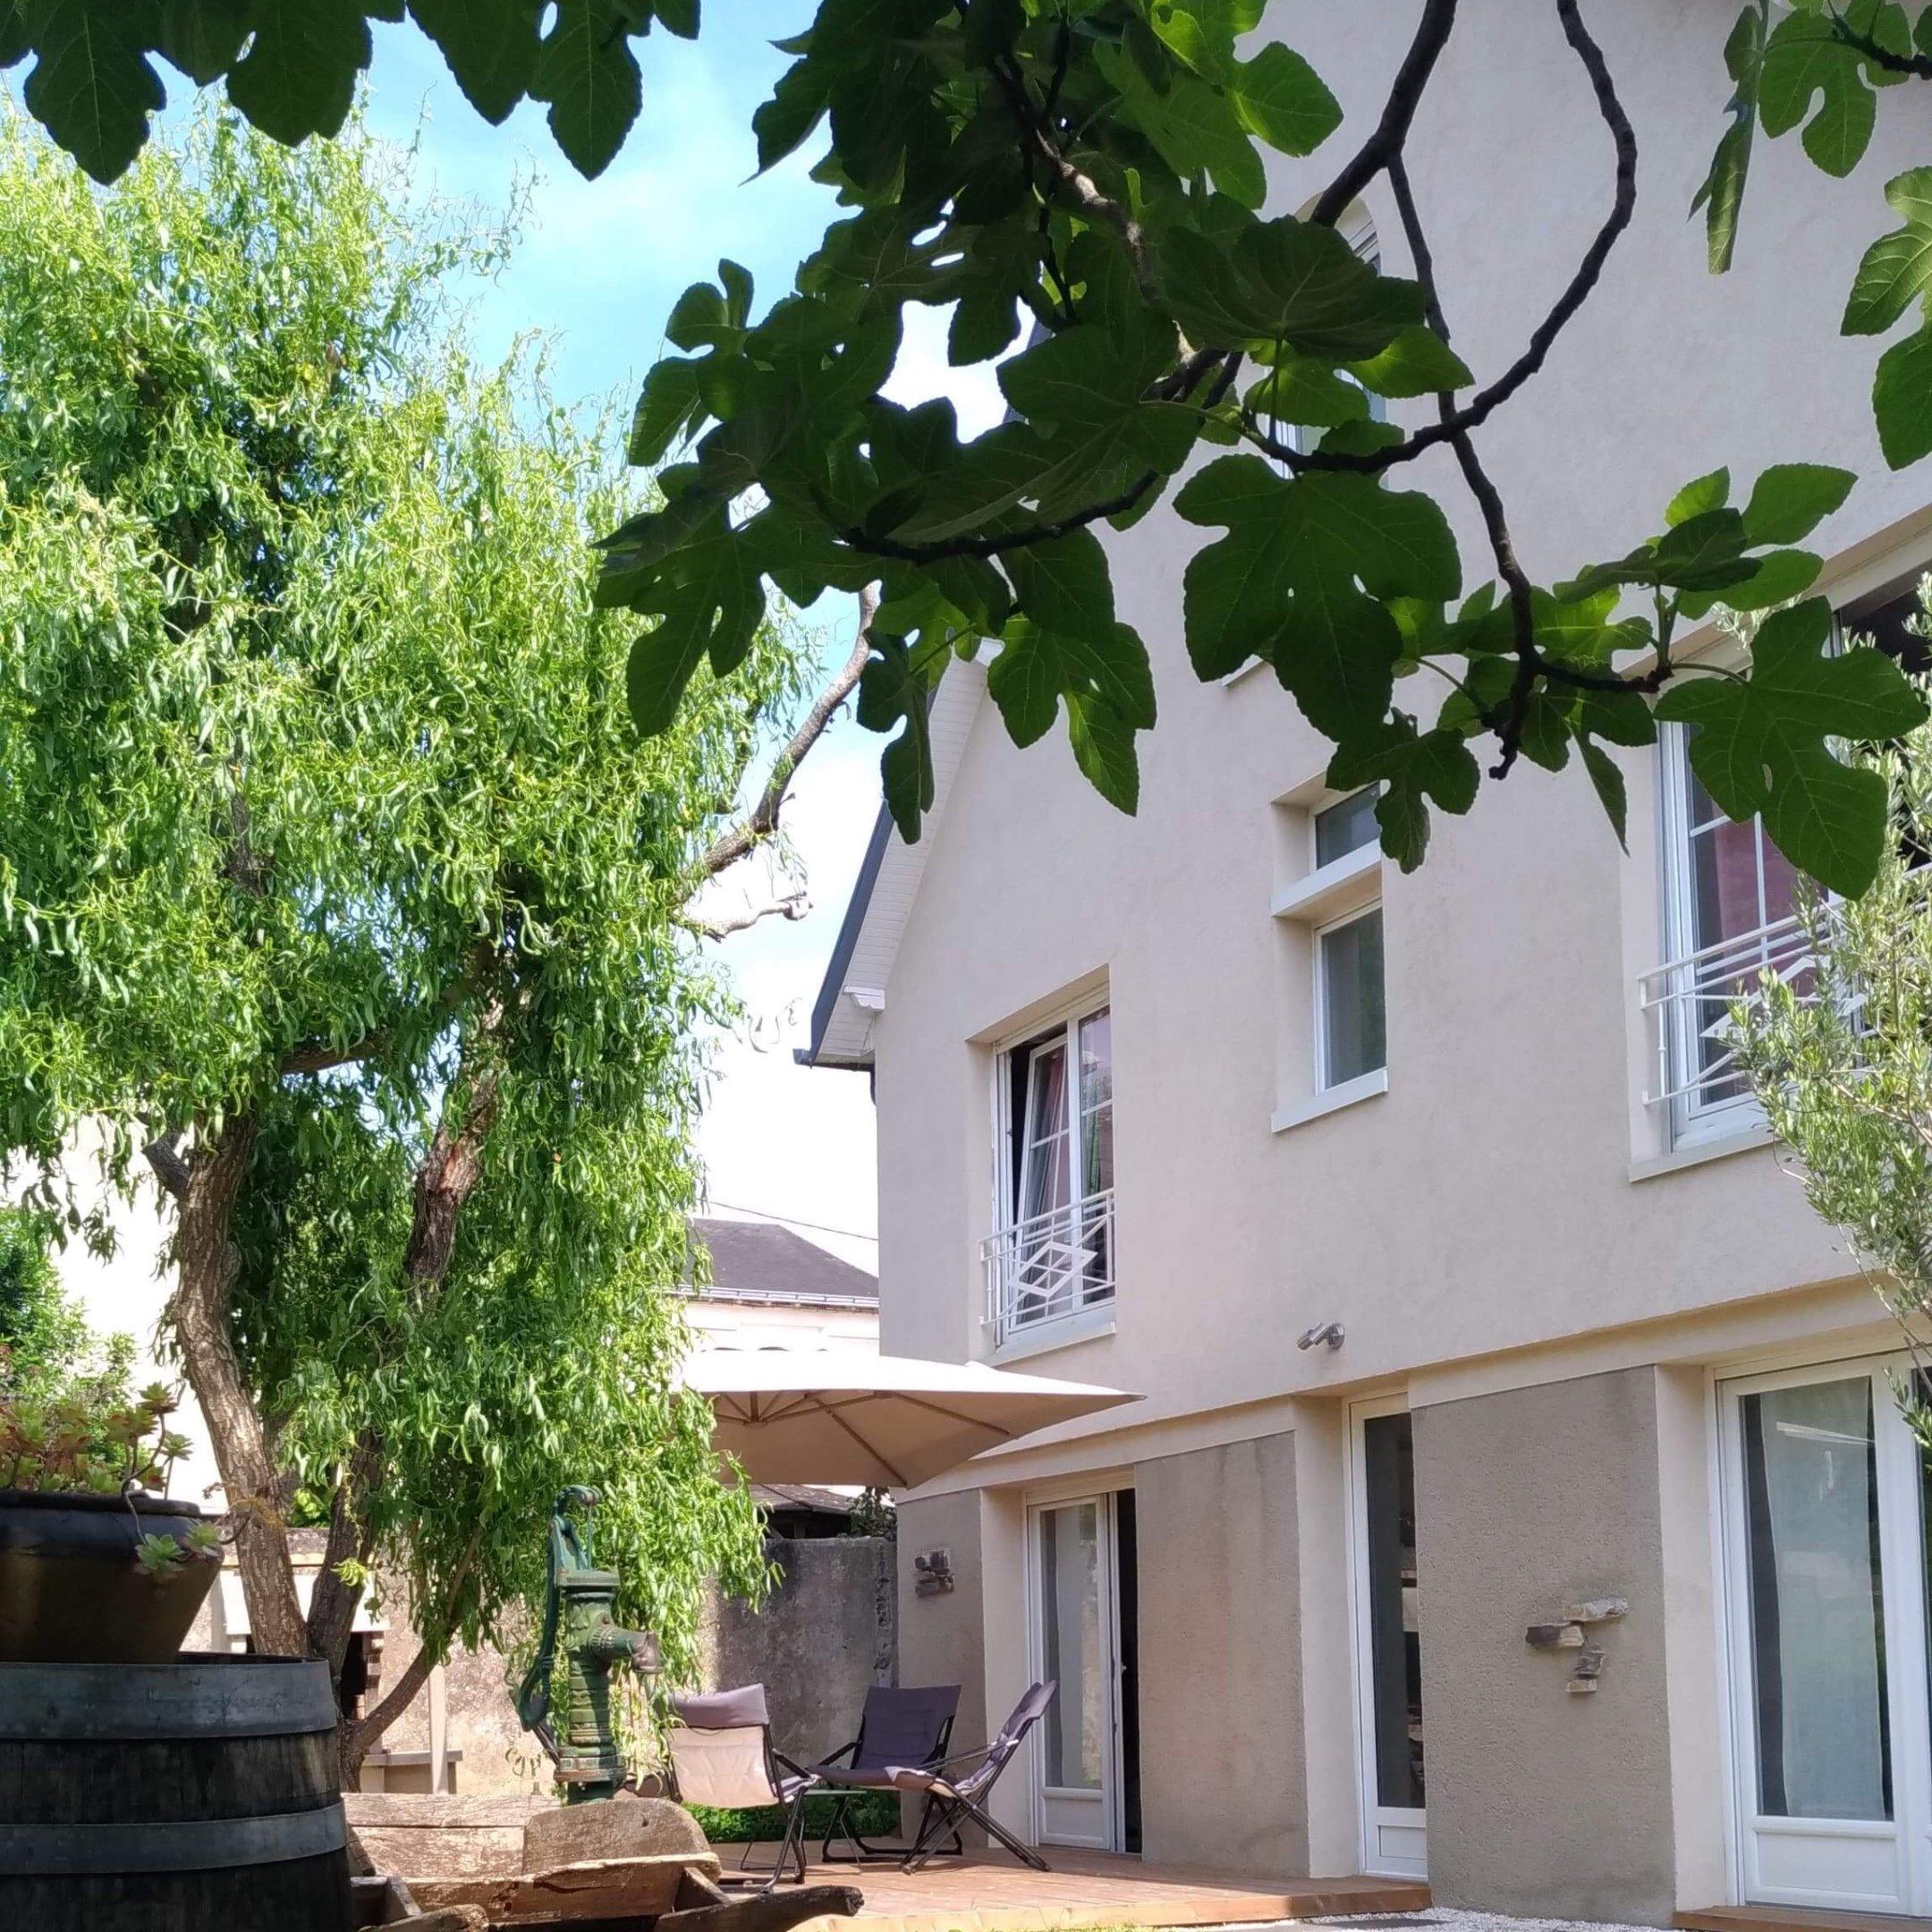 Vente Appartements Maisons Et Villas à Montreuil Paris: Vente Quartier Justices Madeleine